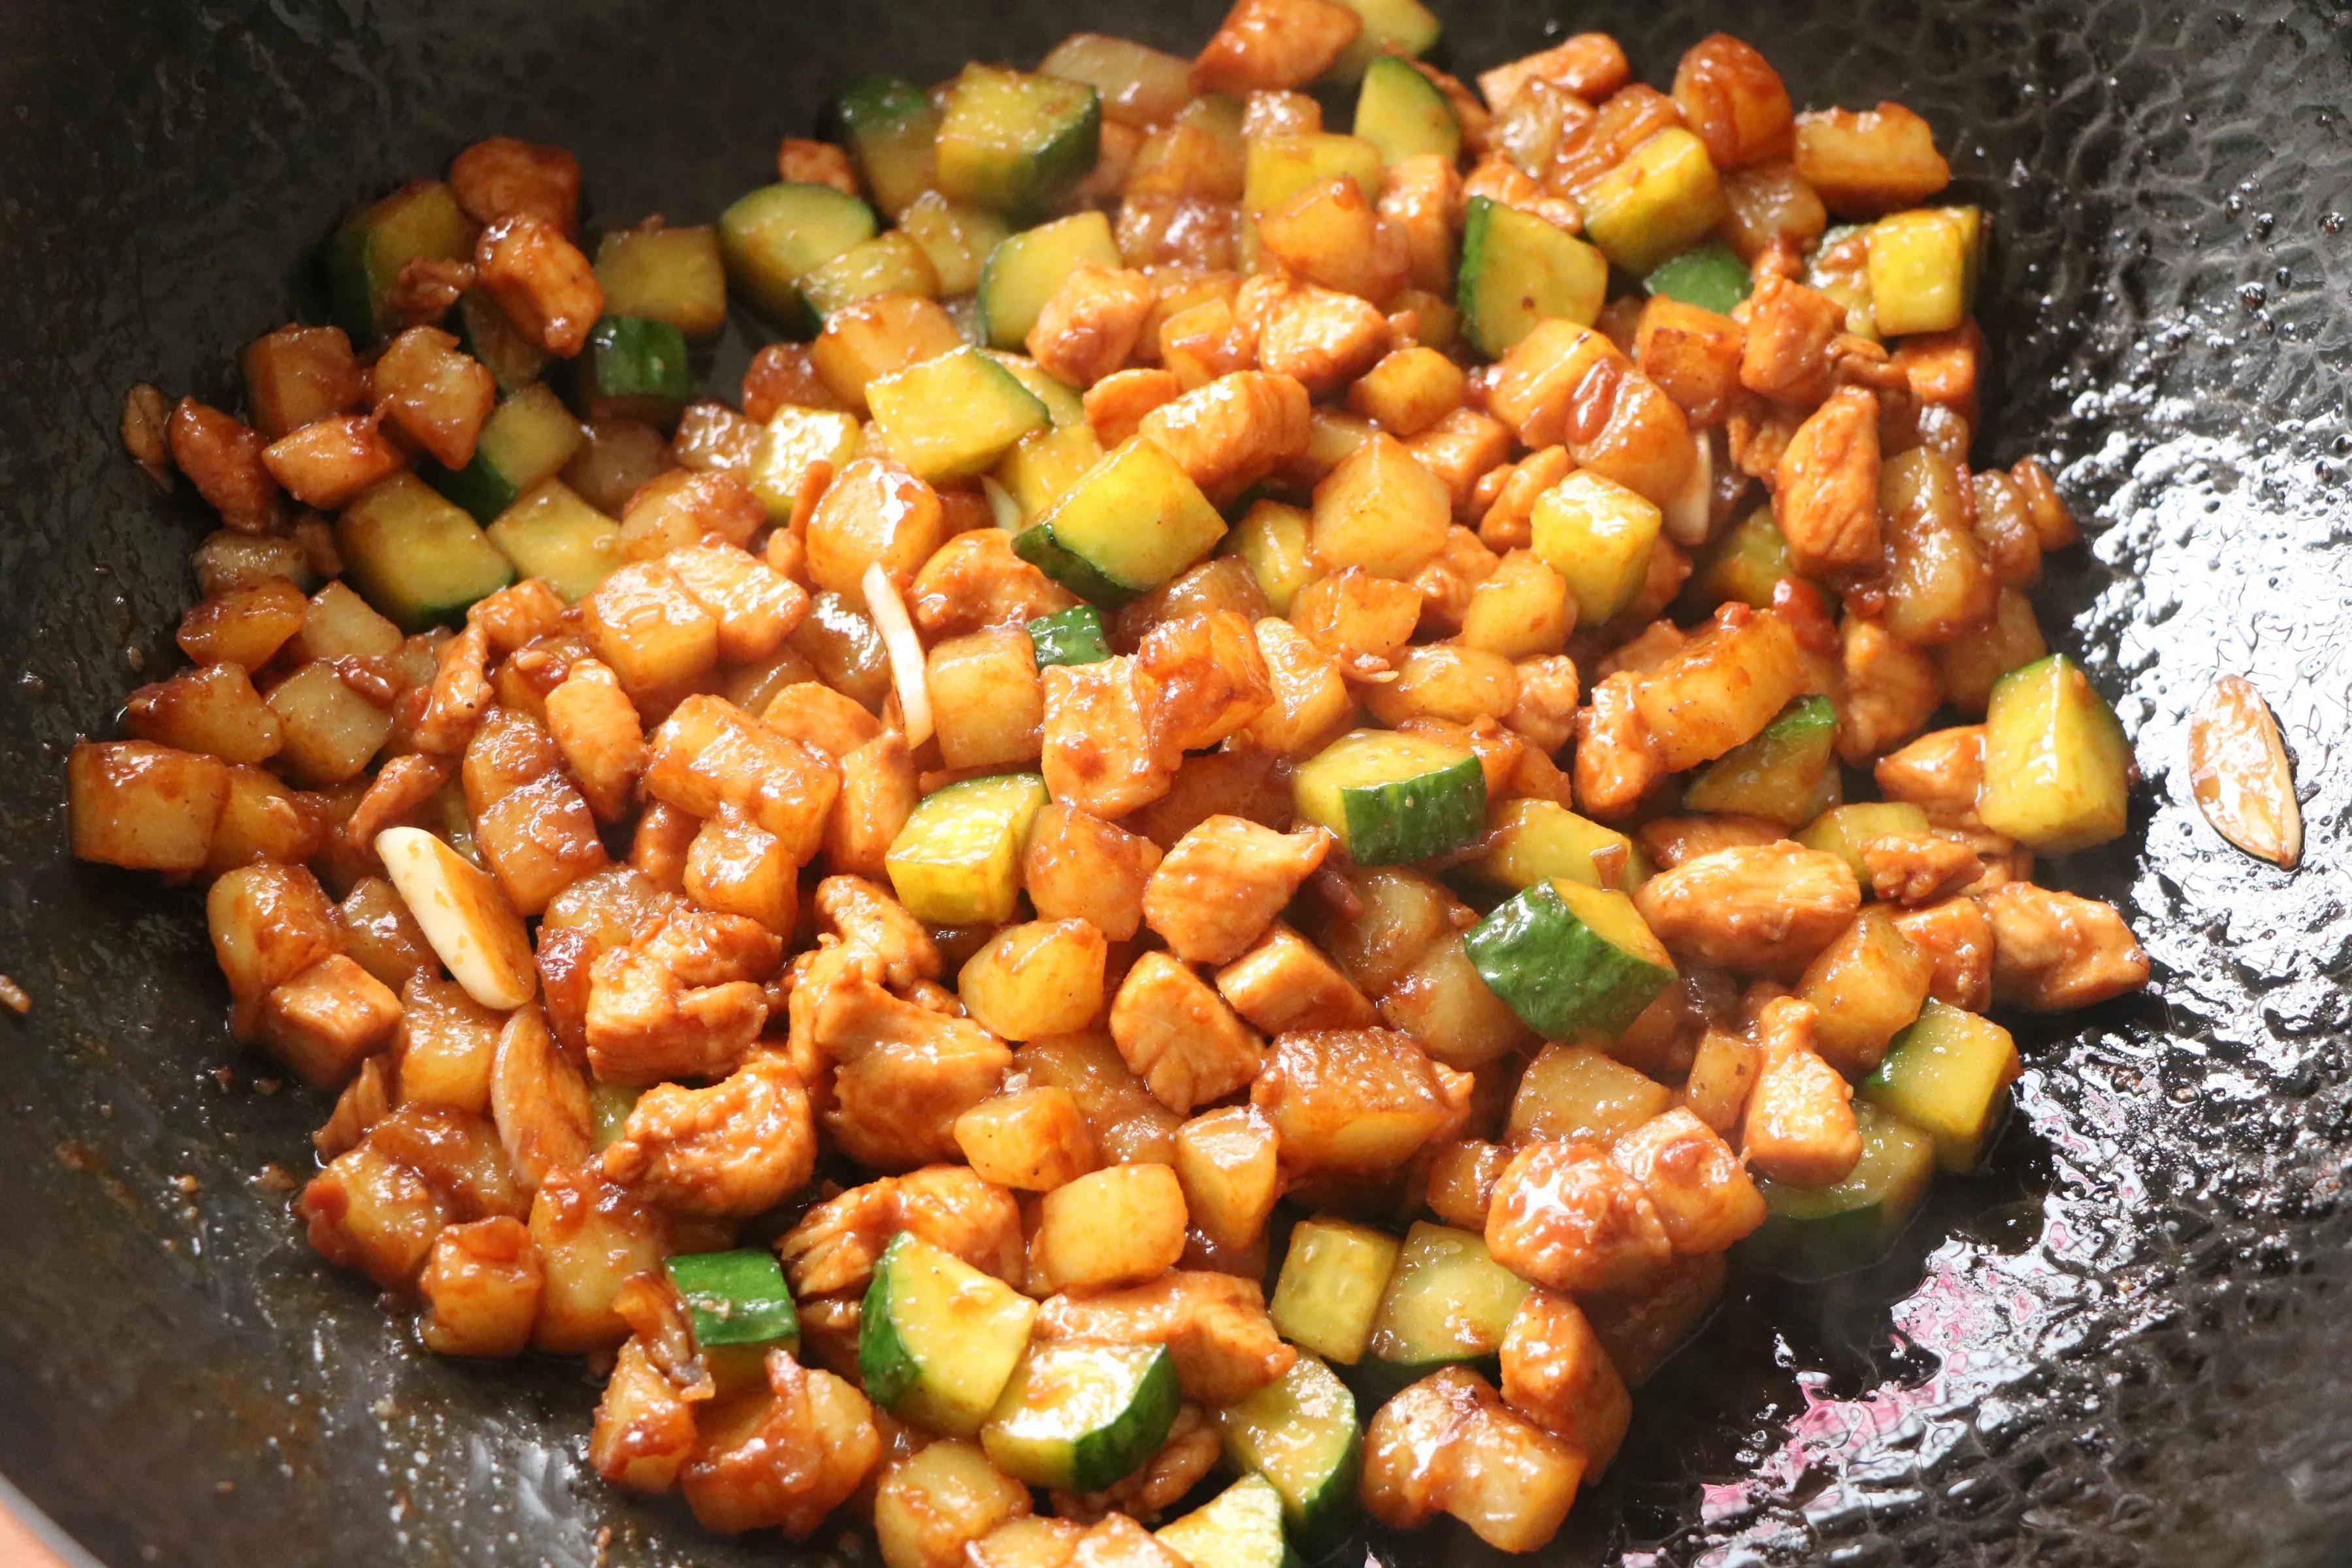 这3样食材一起炒太下饭了,鲜香味美,低油低脂,2碗米饭不过瘾 美食做法 第12张